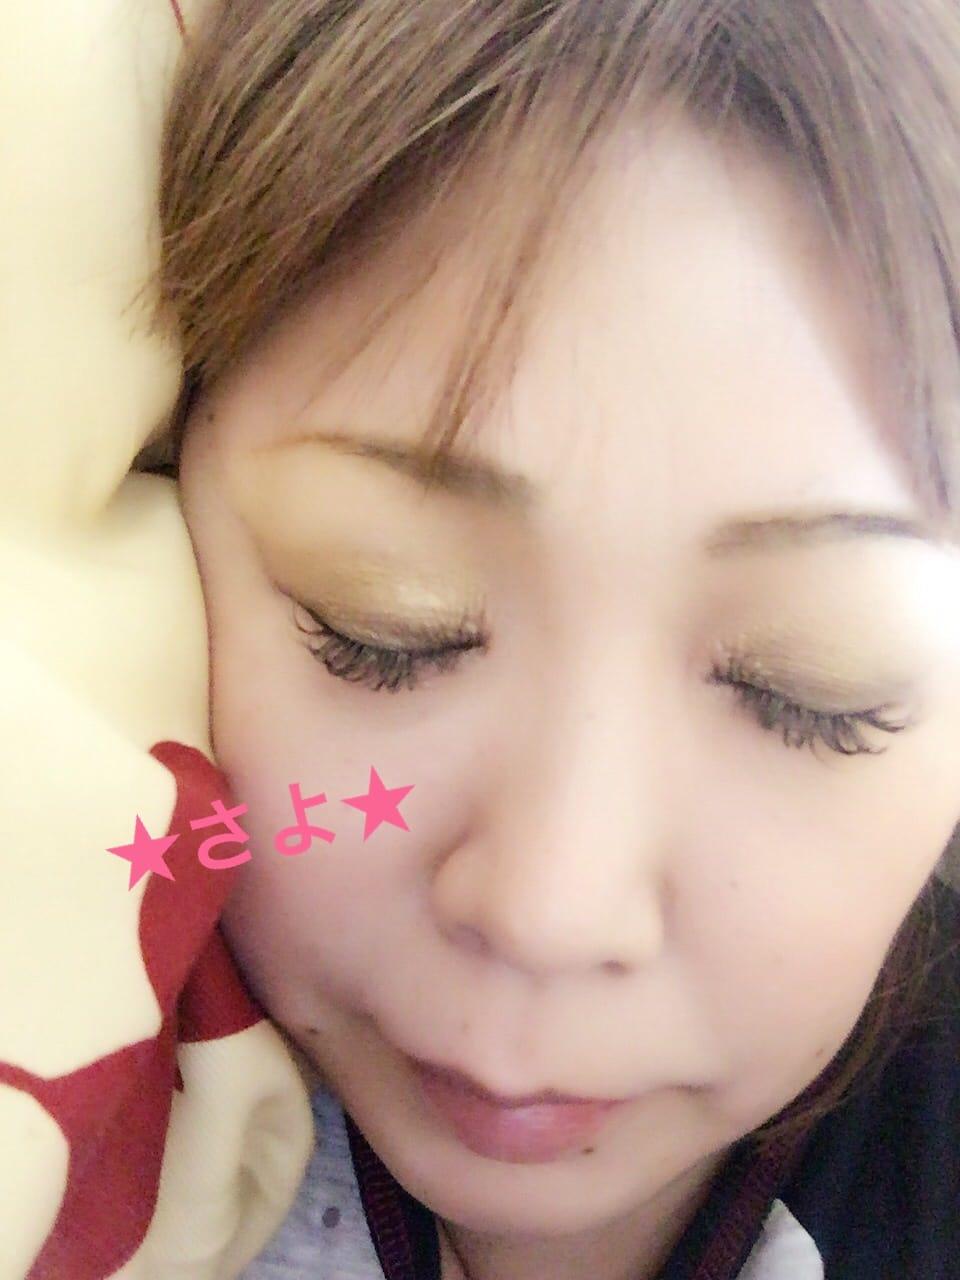 「さよです★」10/18(水) 04:18 | さよの写メ・風俗動画